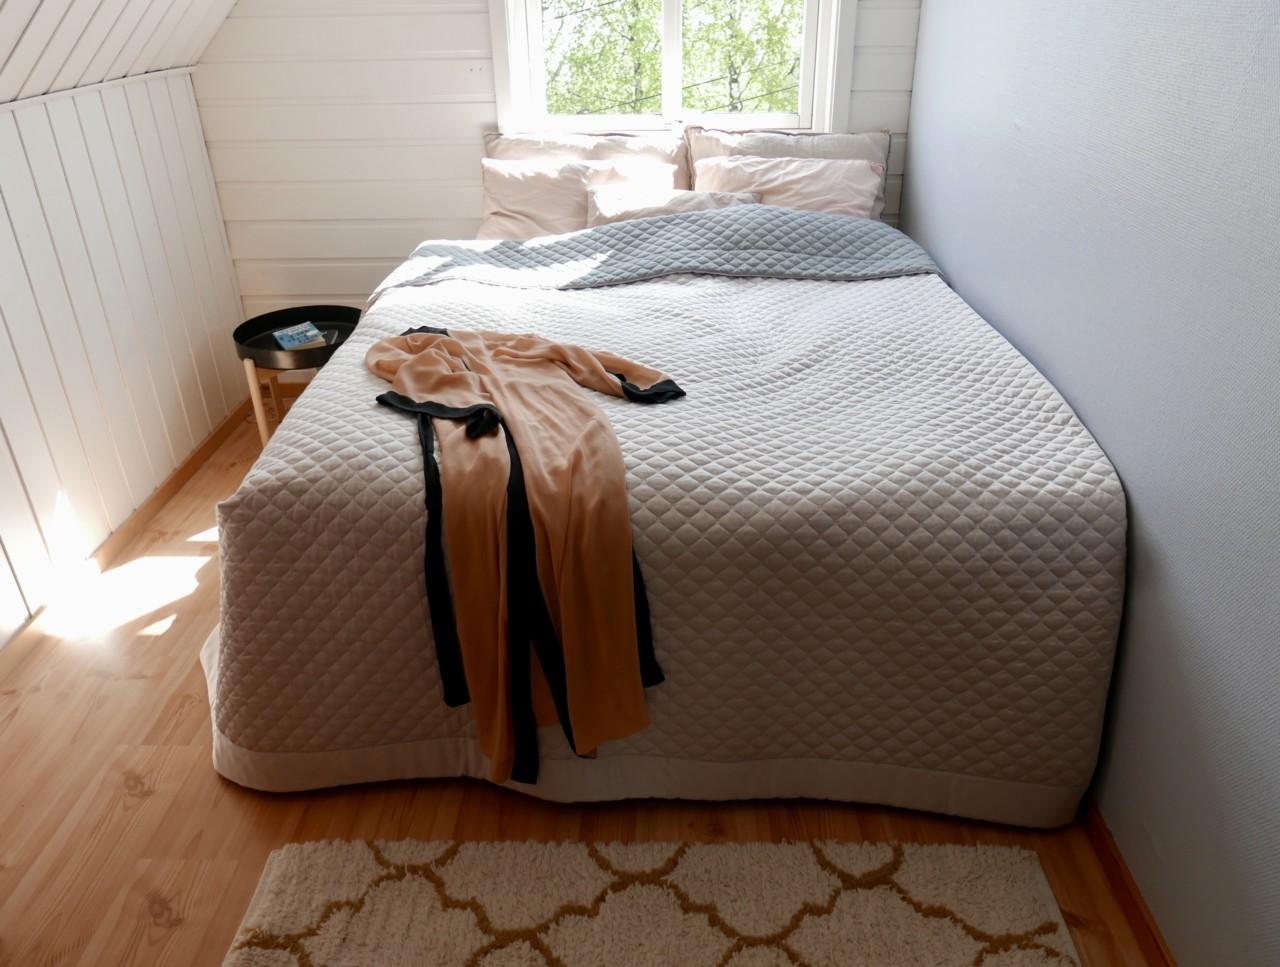 anja-stang-coco-mat-seng-bedroom-soverom-miljovennlig-og-etisk-luksus